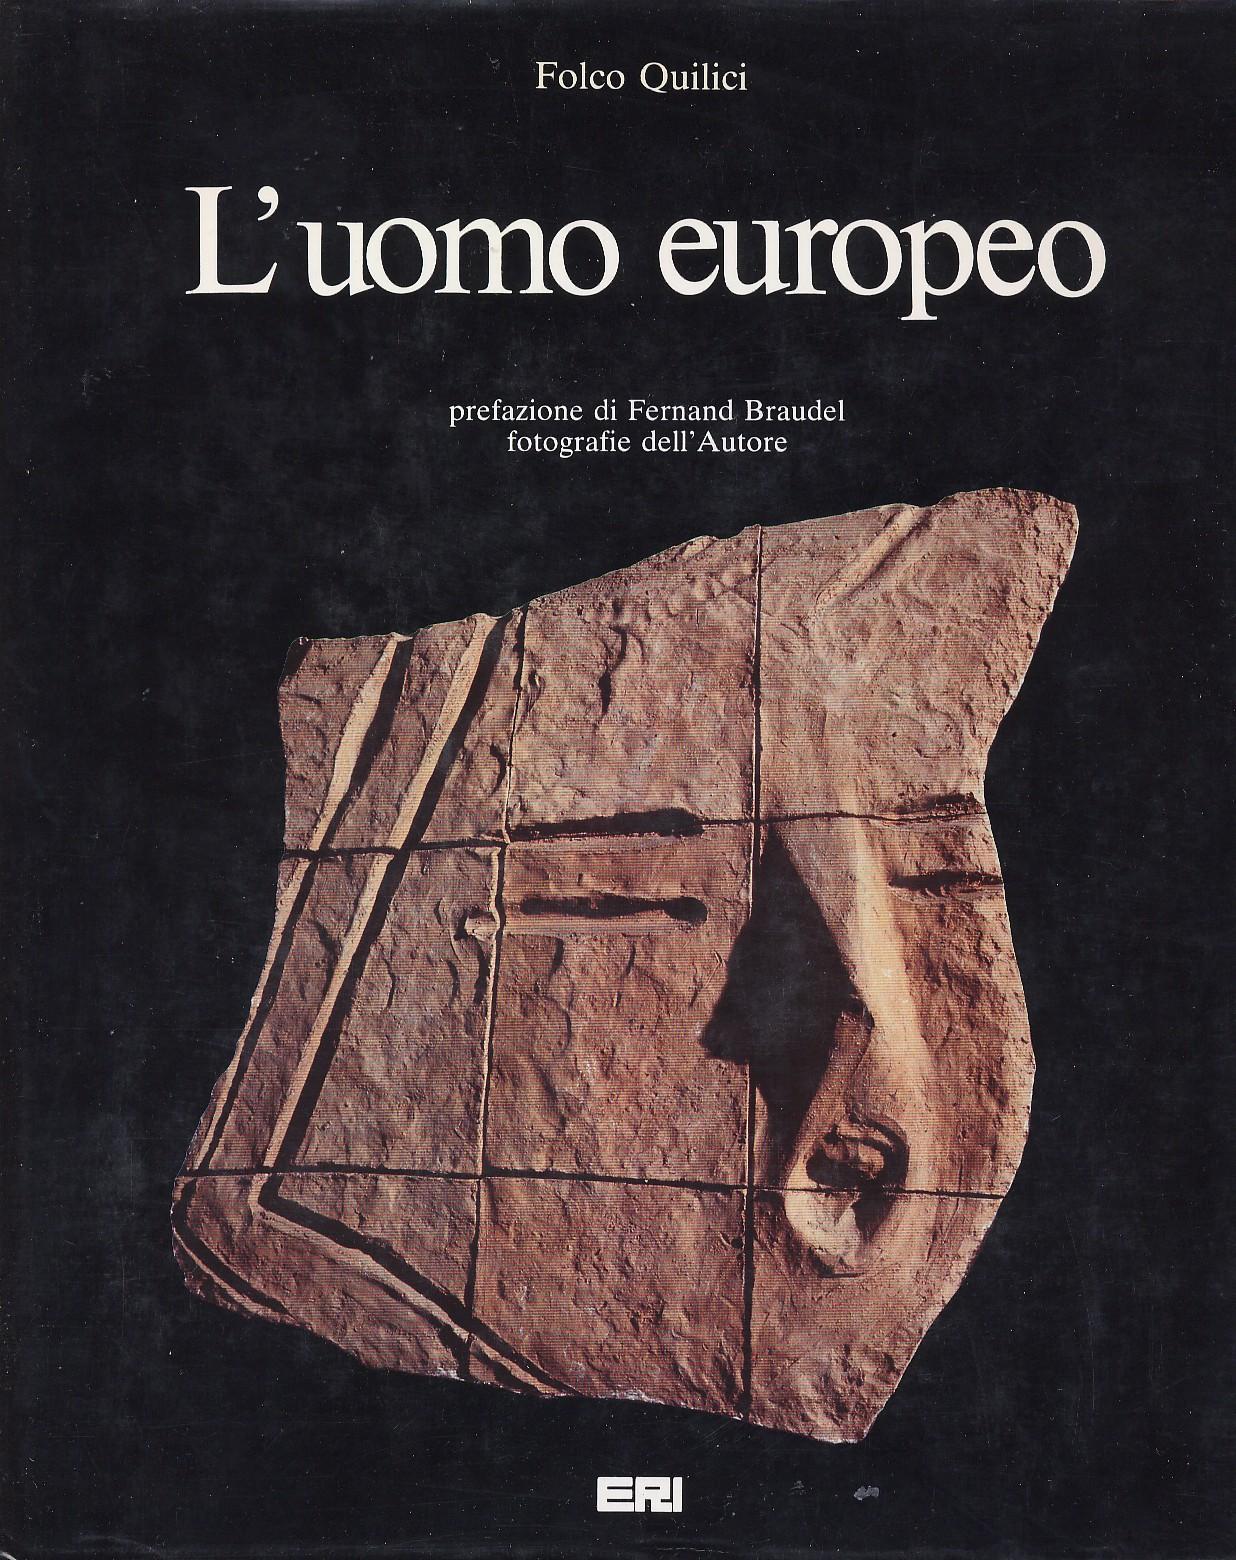 L' uomo europeo